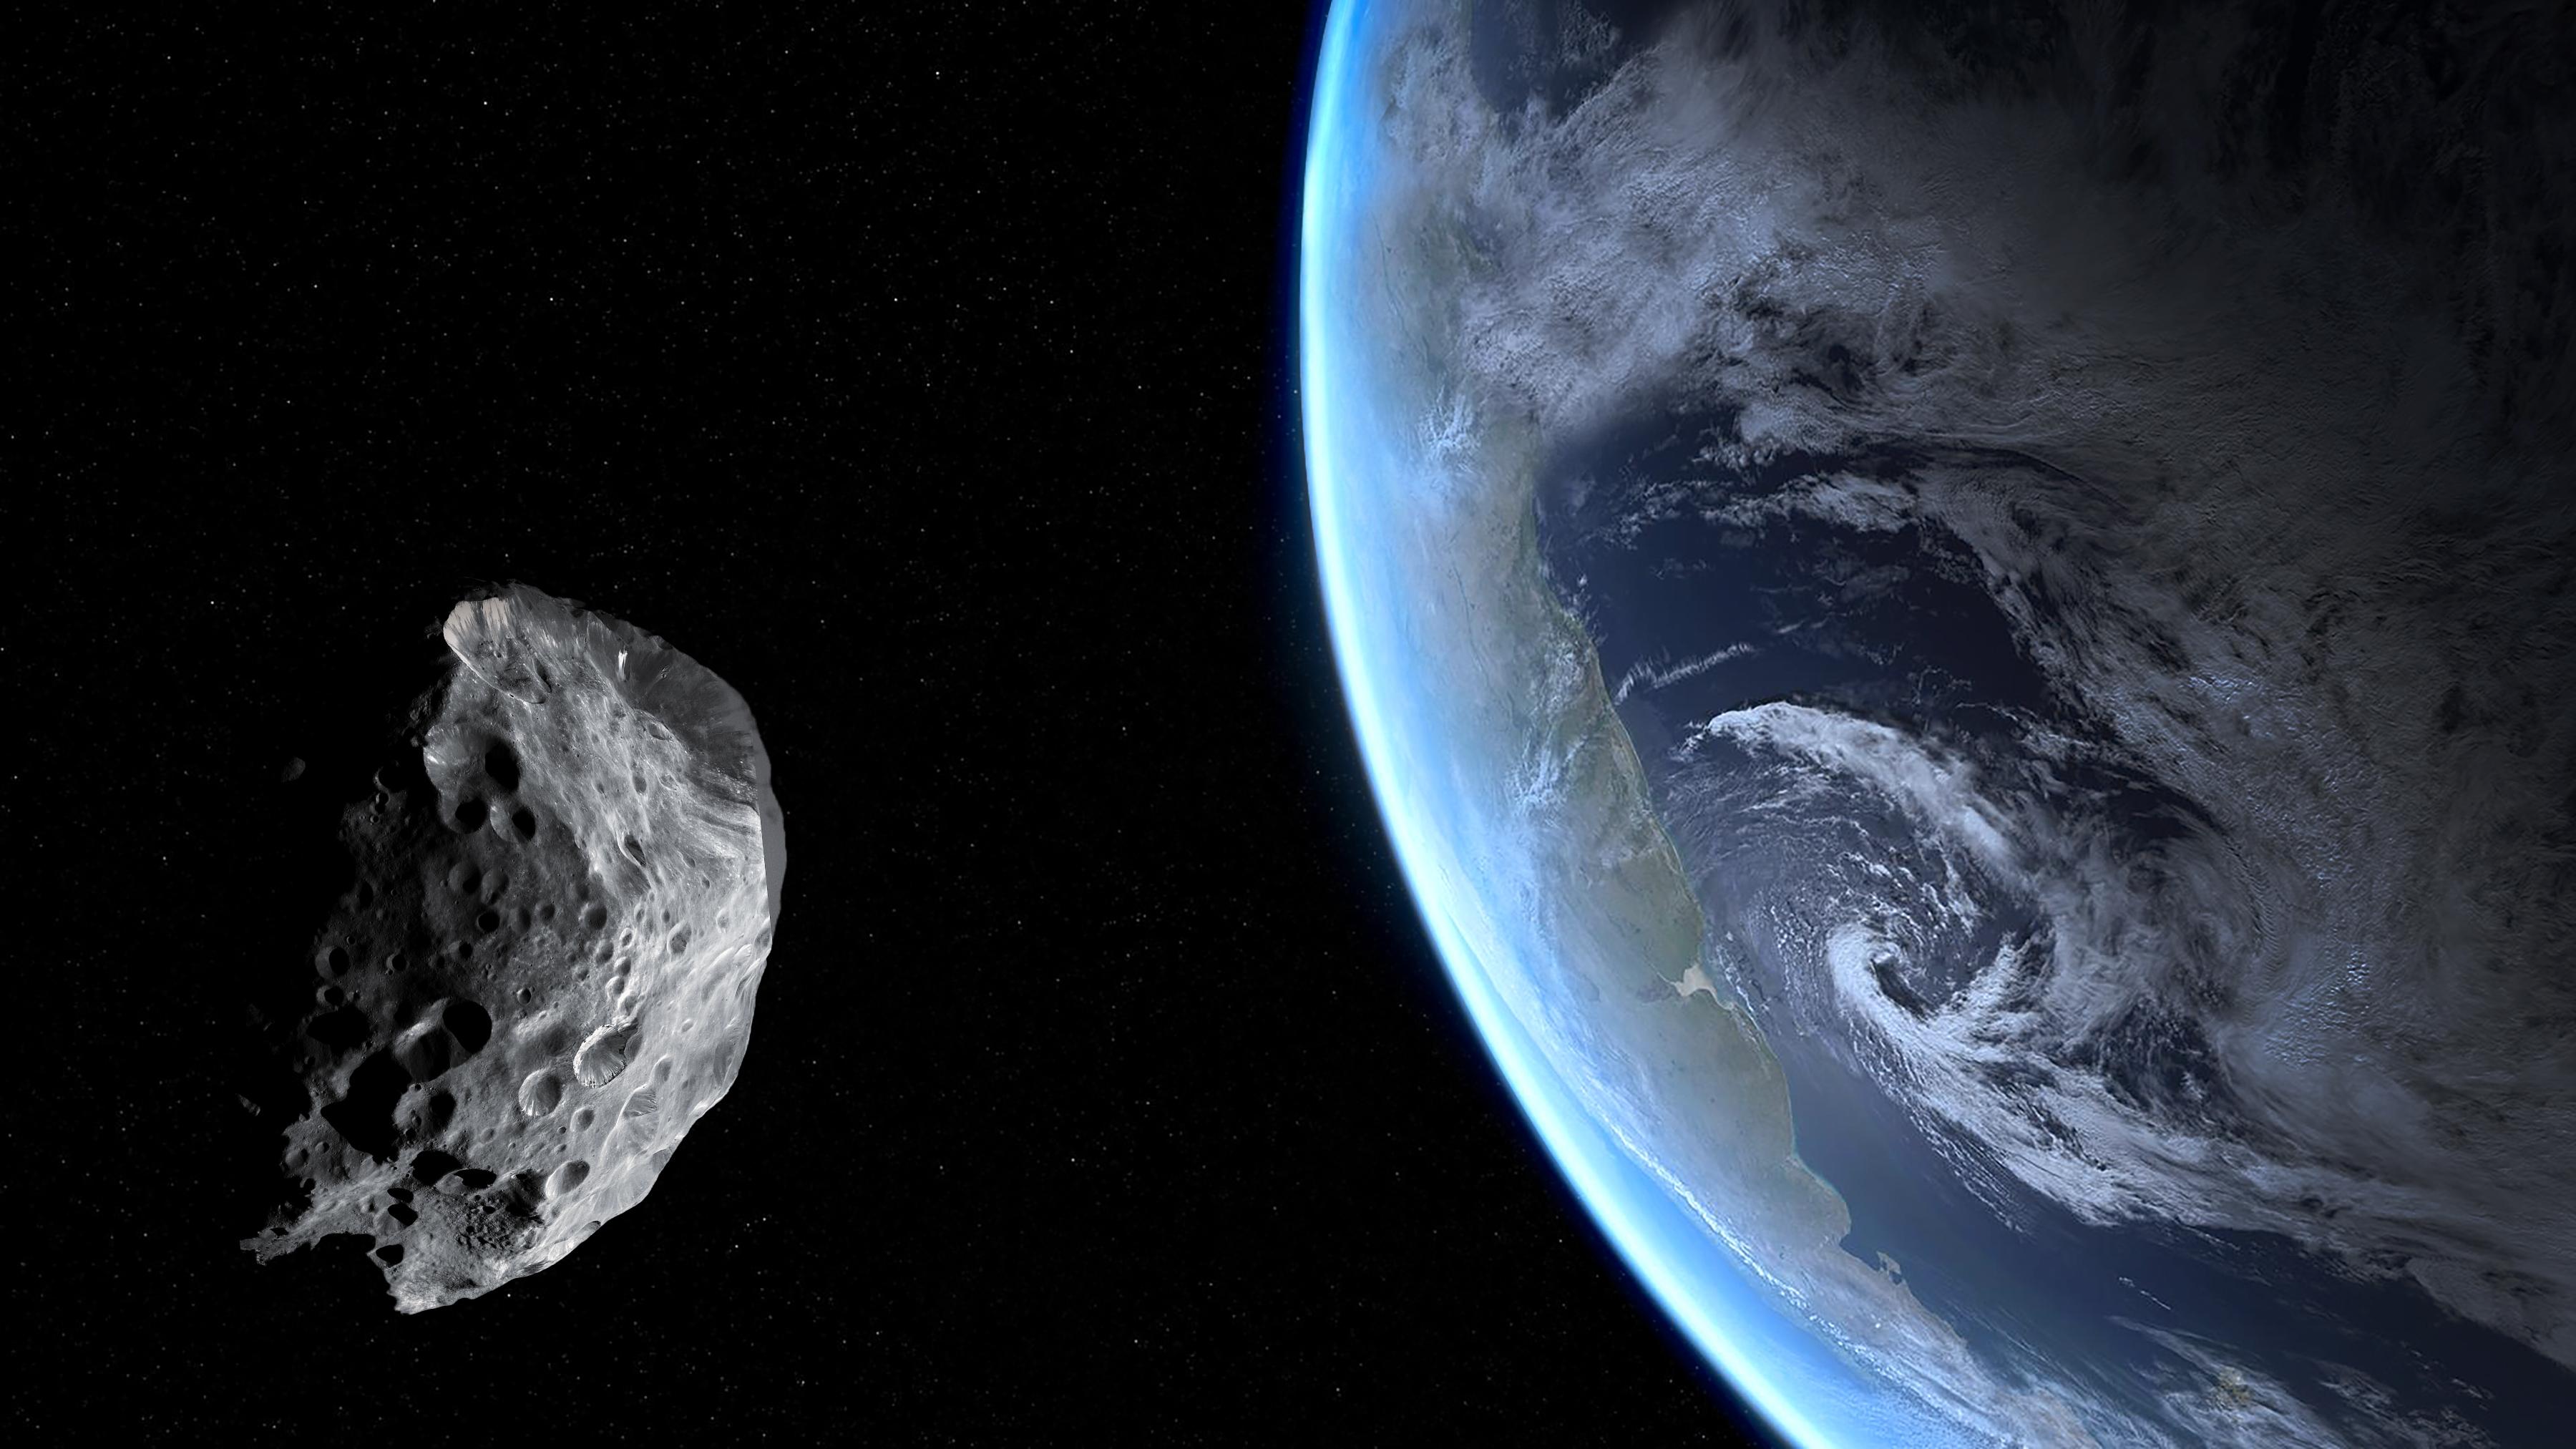 Un asteroid mai mare decât Turnul Eiffel din Paris va trece pe lângă Pământ duminică